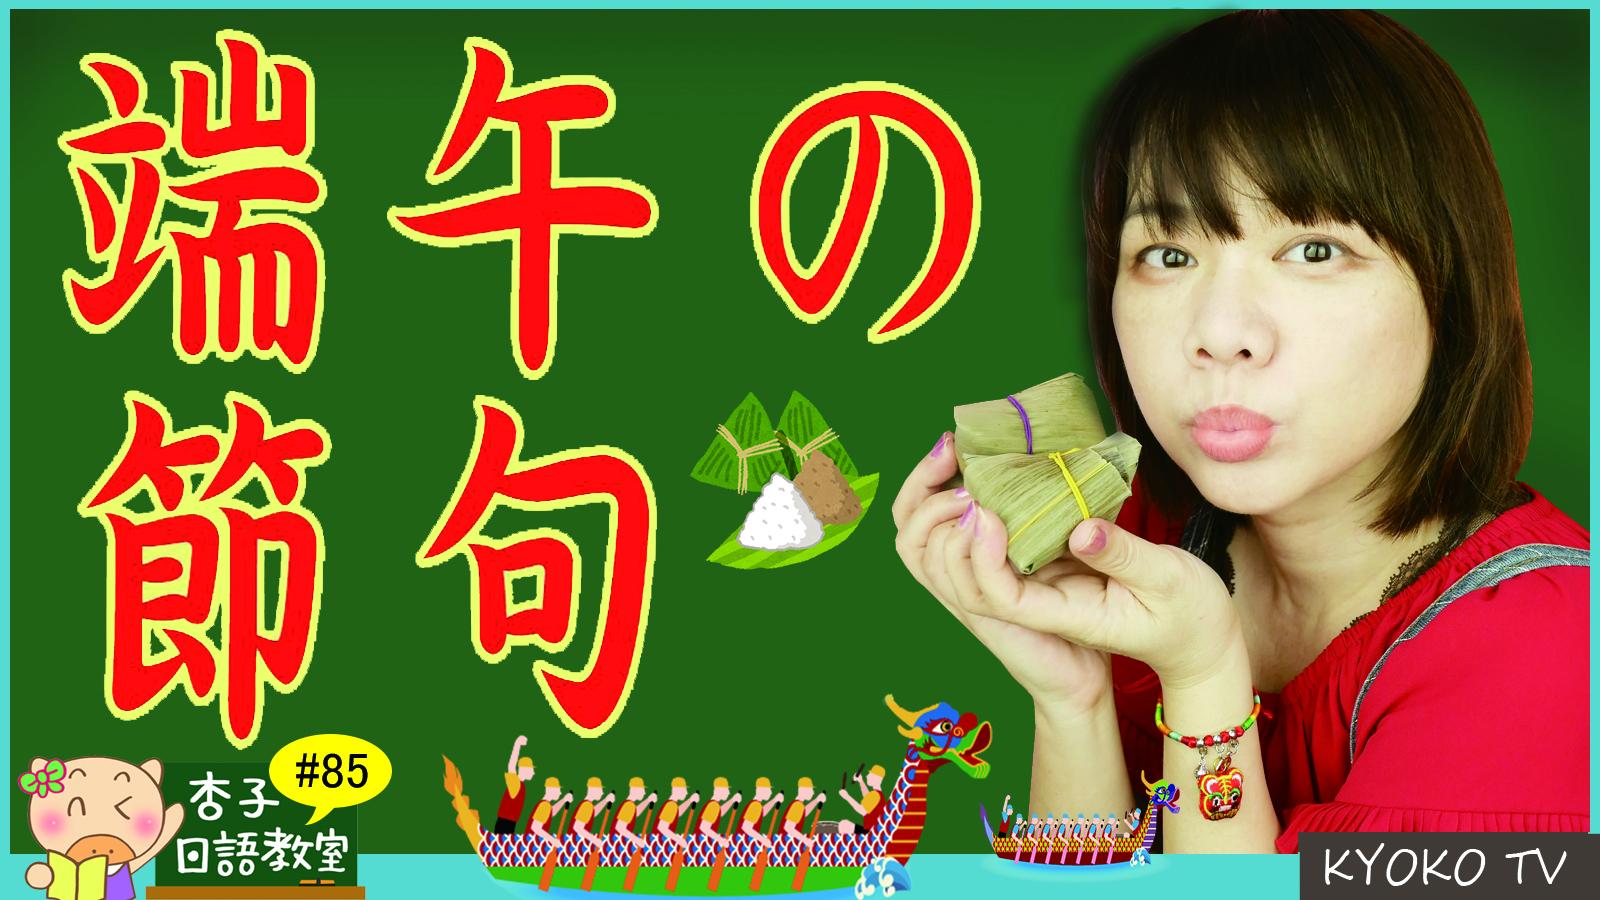 端午節相關日文單字|北部粽🐉南部粽🐉划龍船比賽用日文要怎麼說?